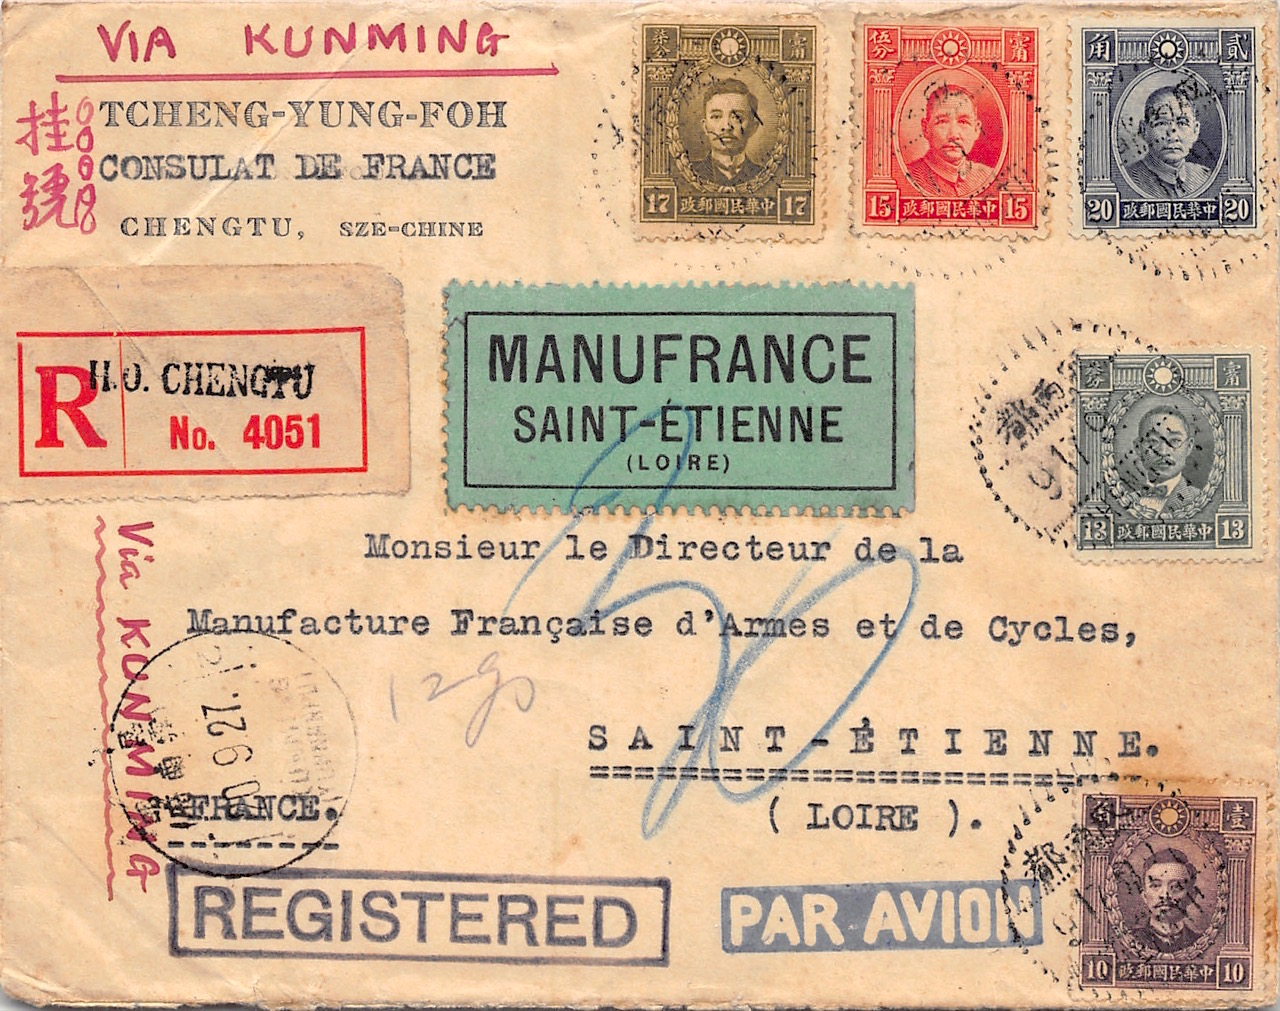 1938, Luftpost-Einschreibbrief aus Chengdu über Kunming nach Frankreich